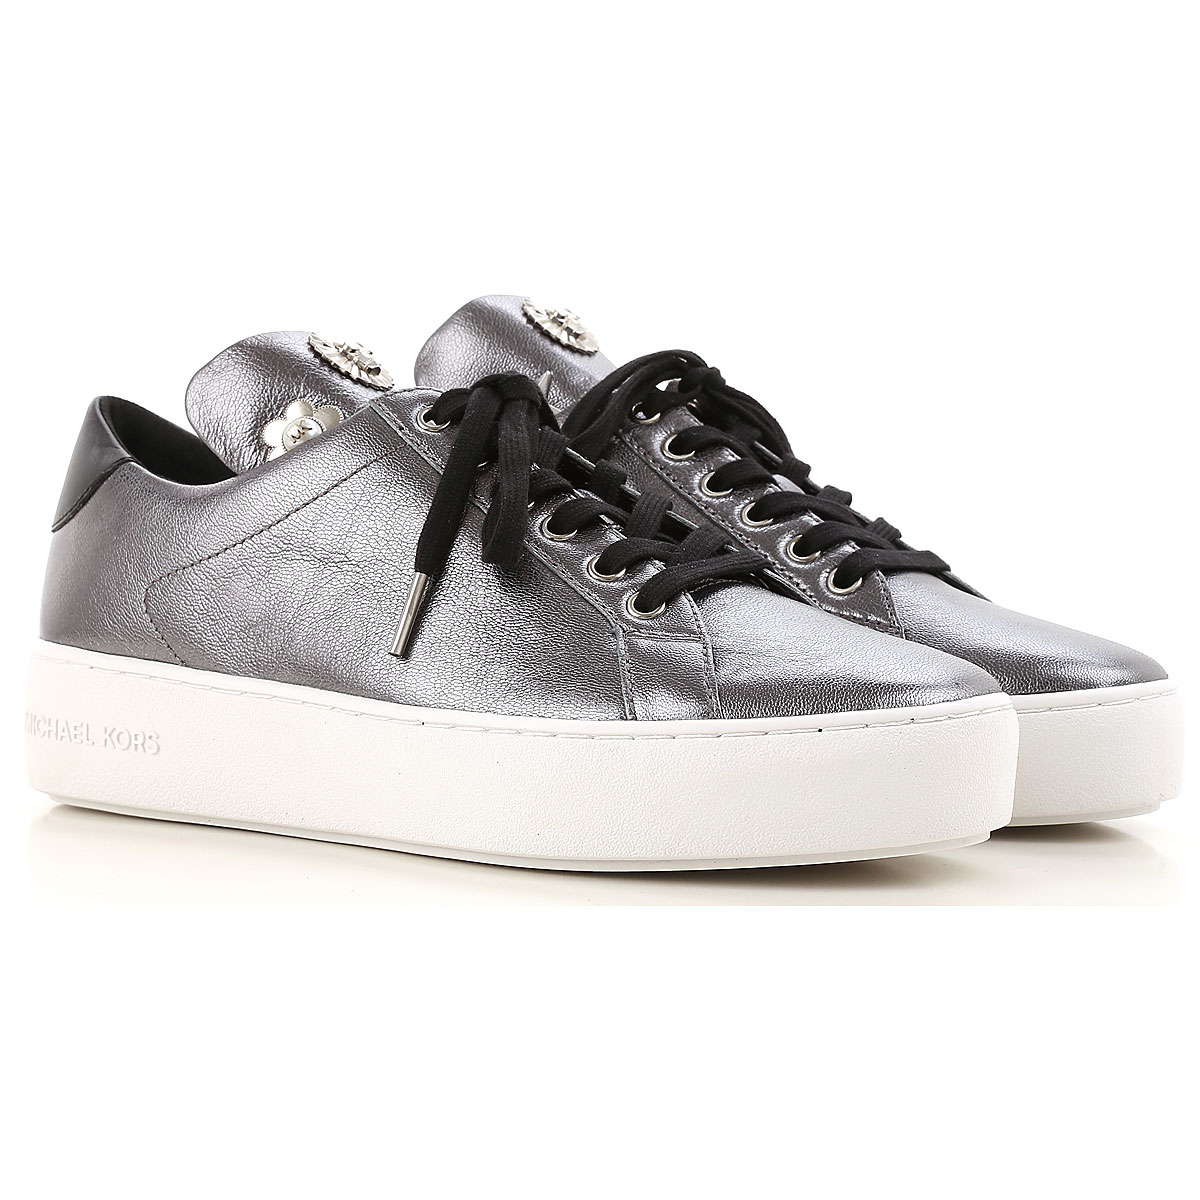 901320e2efa54 Sapatos Femininos Michael Kors, Detalhe do Modelo  43t8mnfs1m-041-